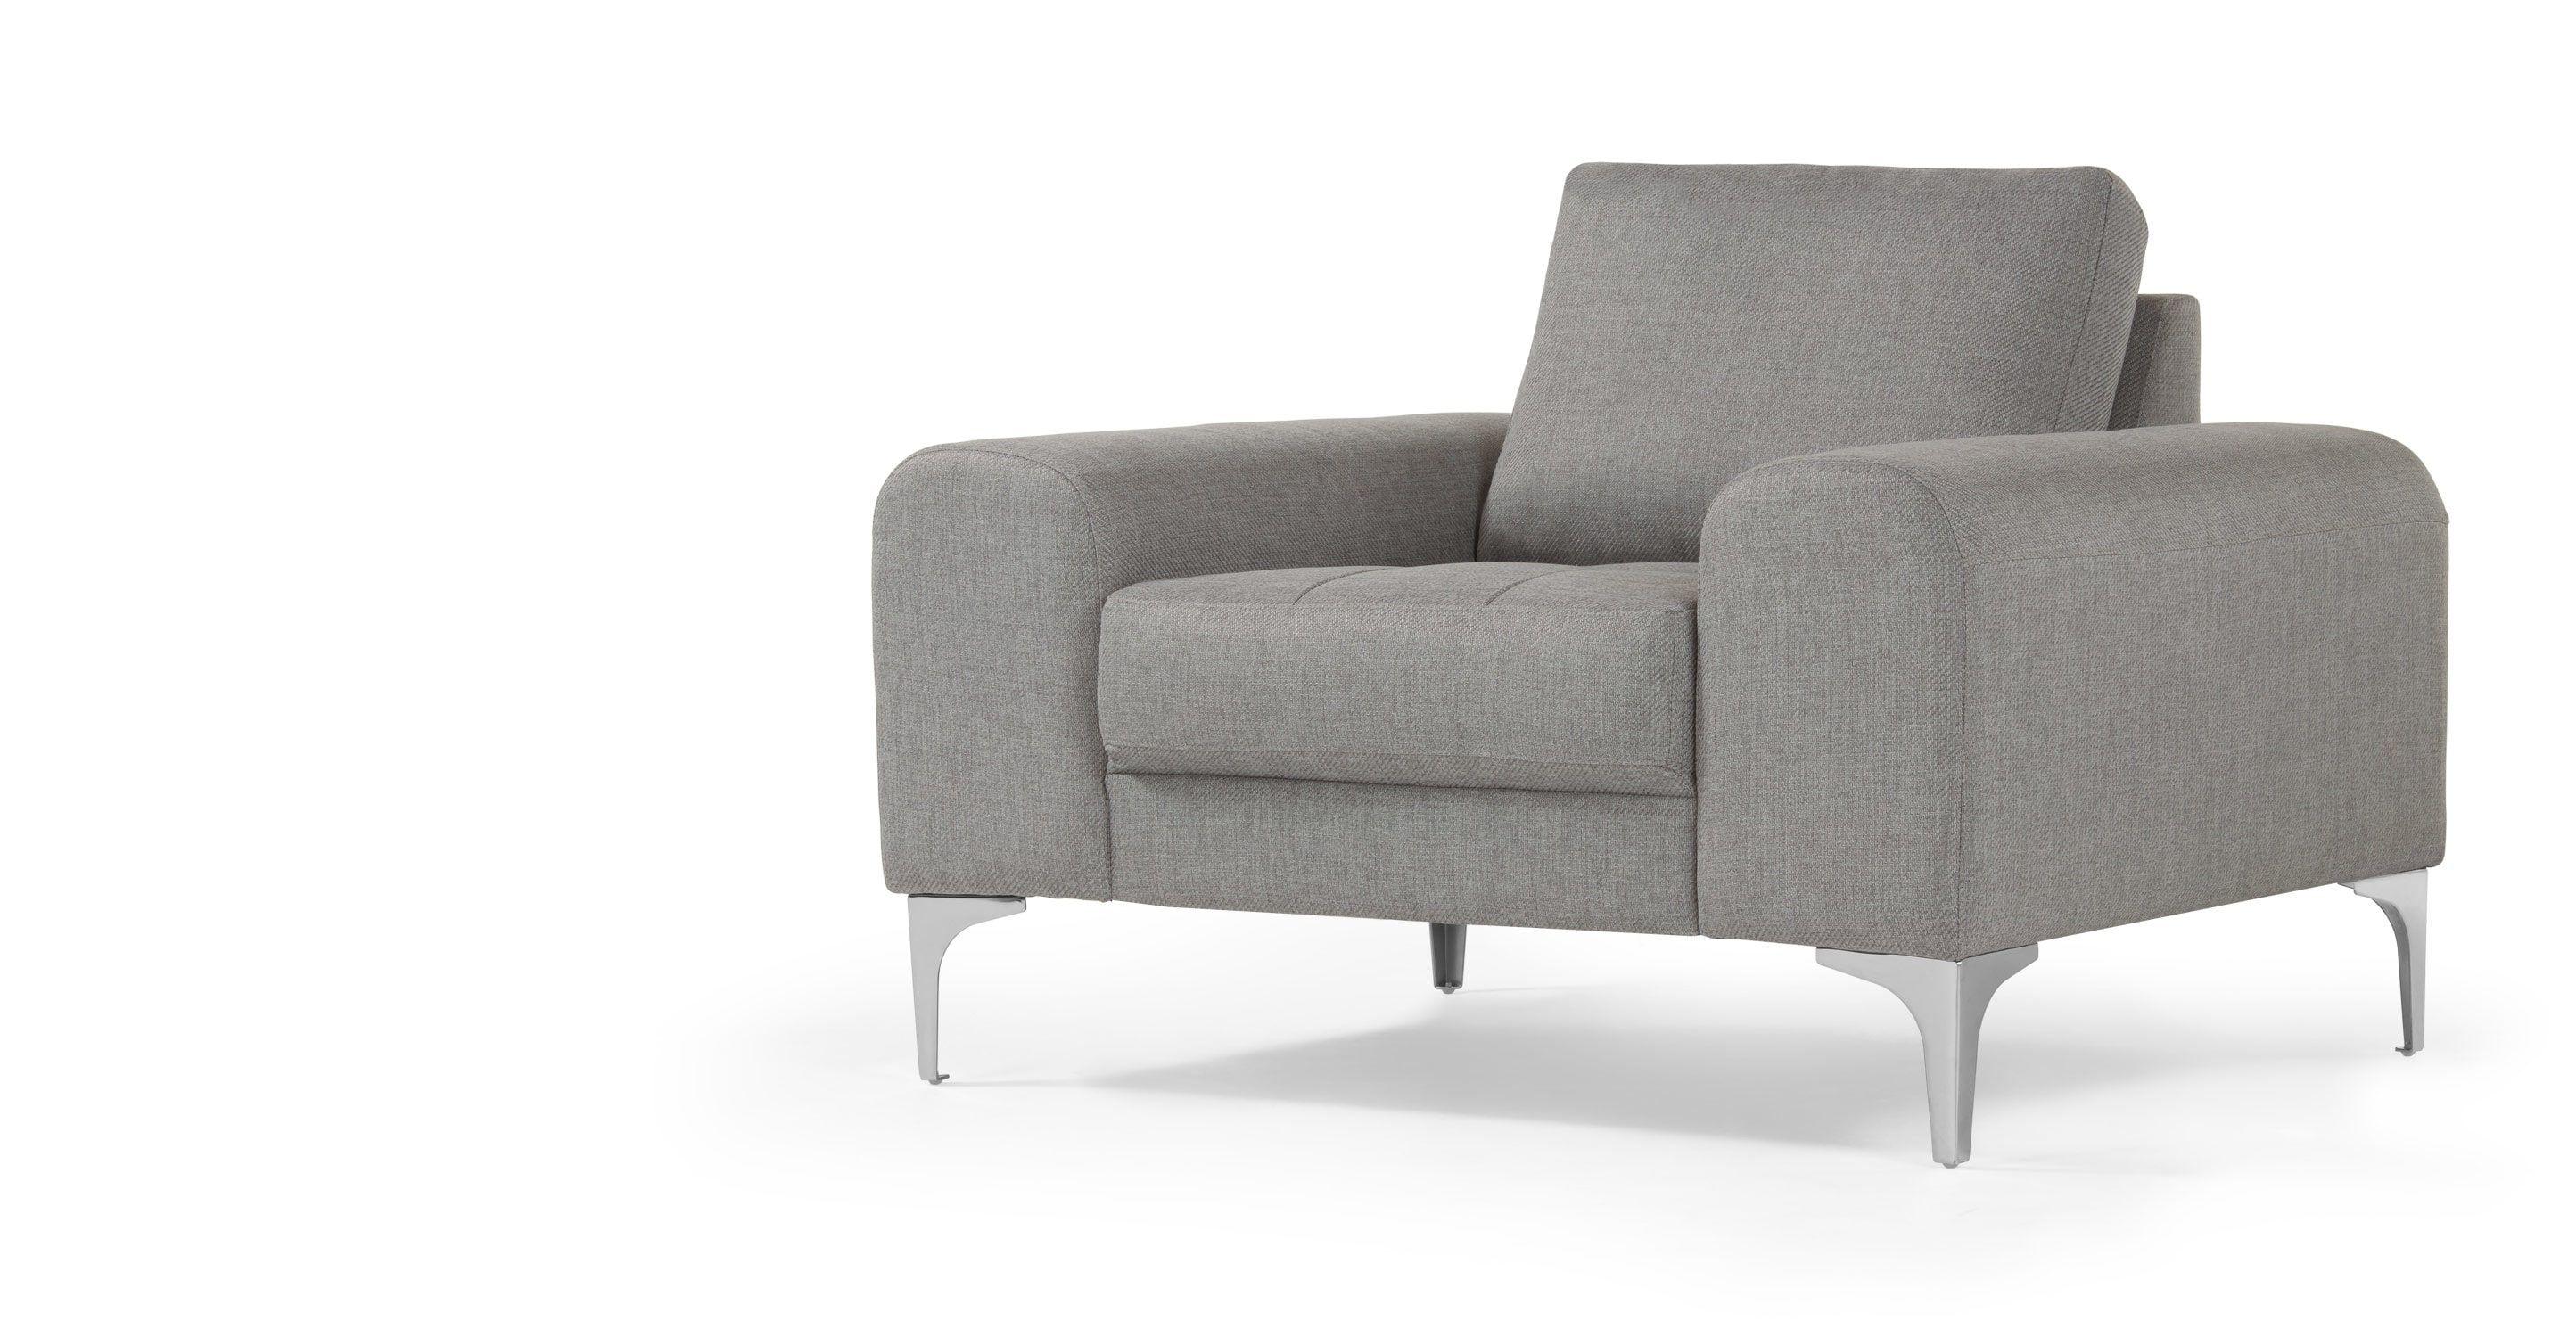 Vittorio Sessel Perlgrau Armlehnen Sessel Sessel Design